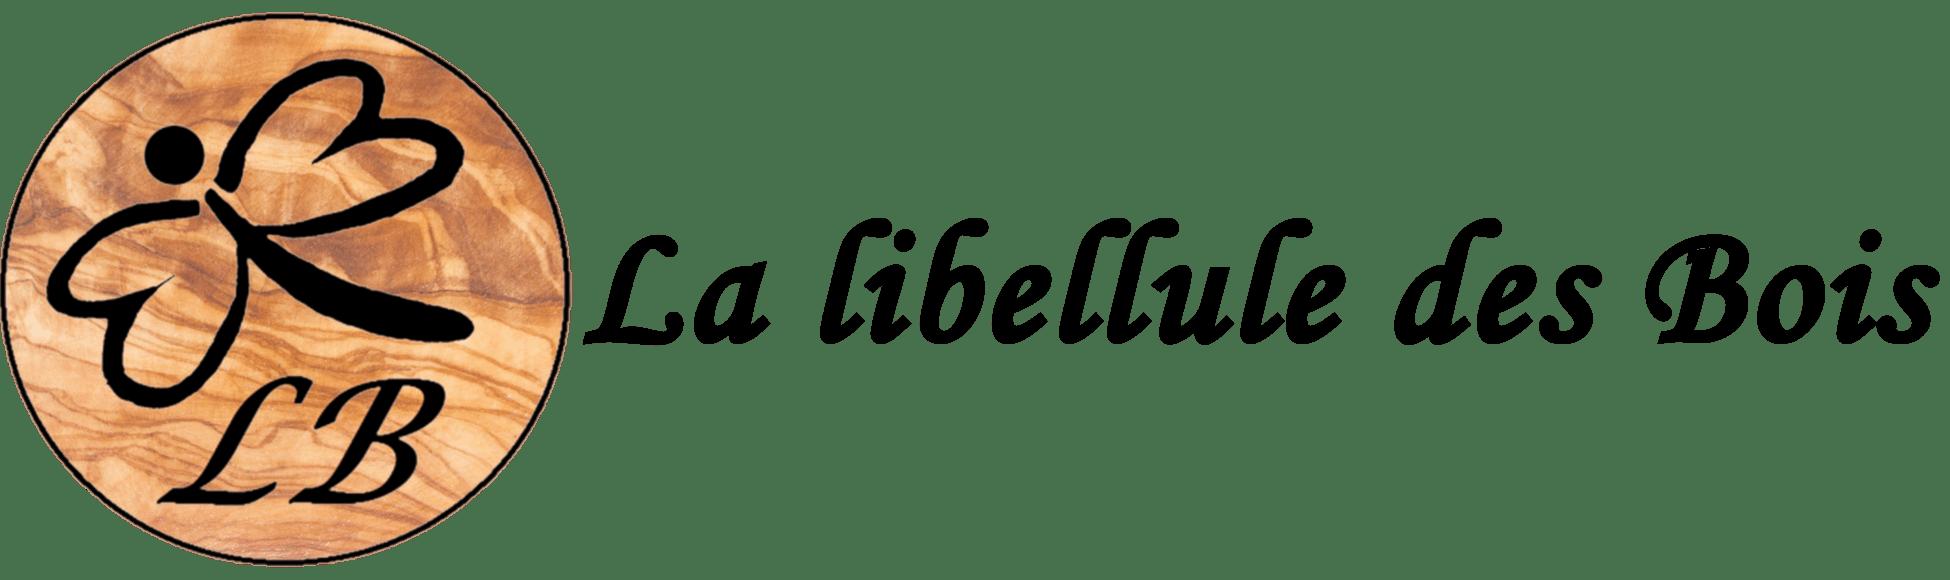 La libellule des bois